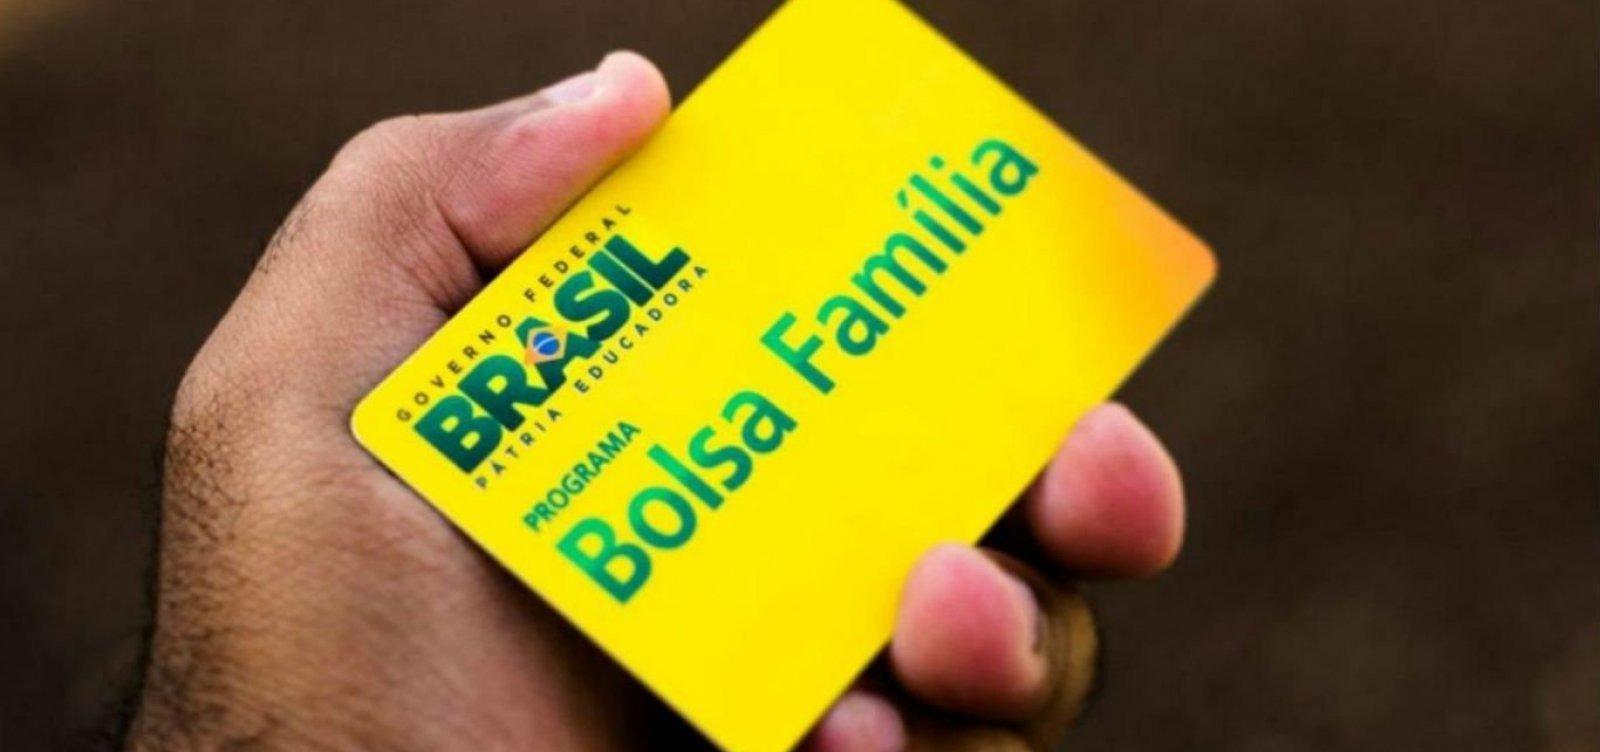 Após remoção, Marco Aurélio Mello determina que governo devolva 12,7 mil inscritos ao Bolsa Família